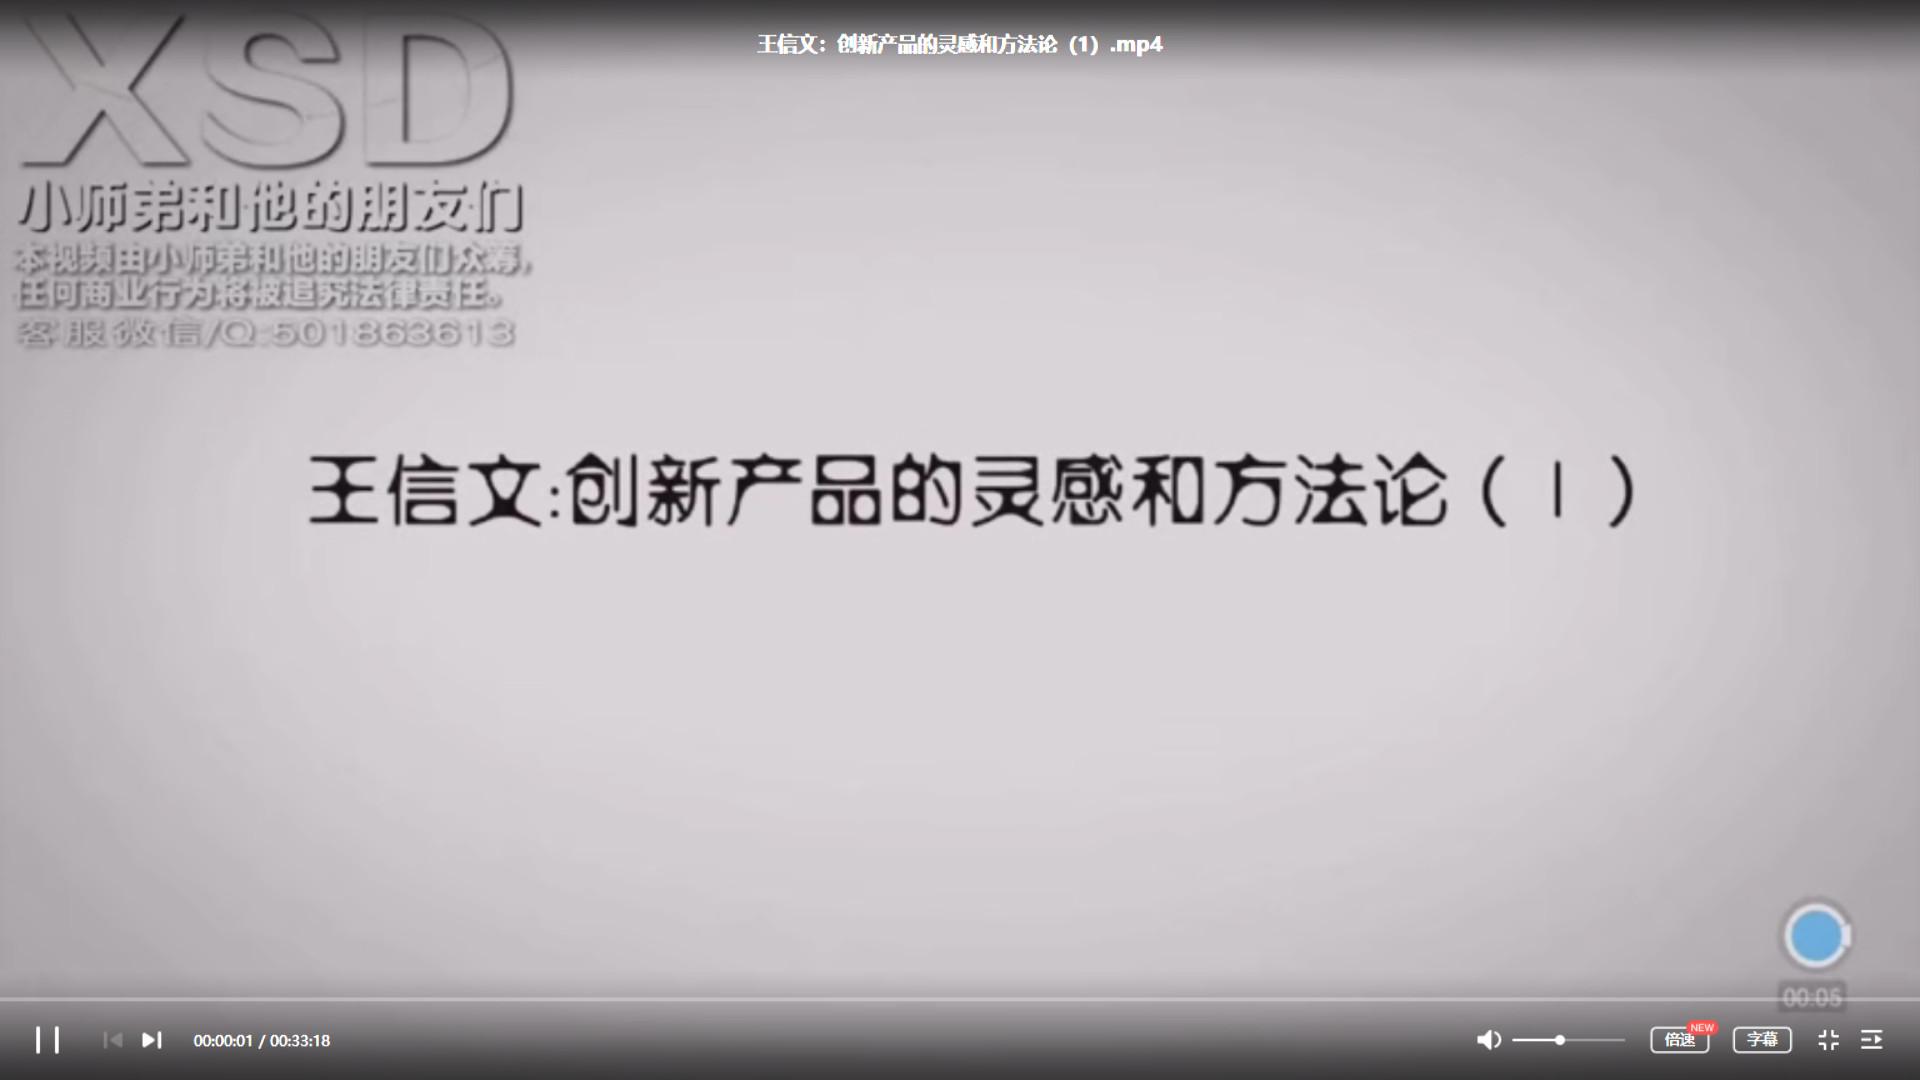 刀塔传奇CEO王信文:创新产品的灵感和方法论